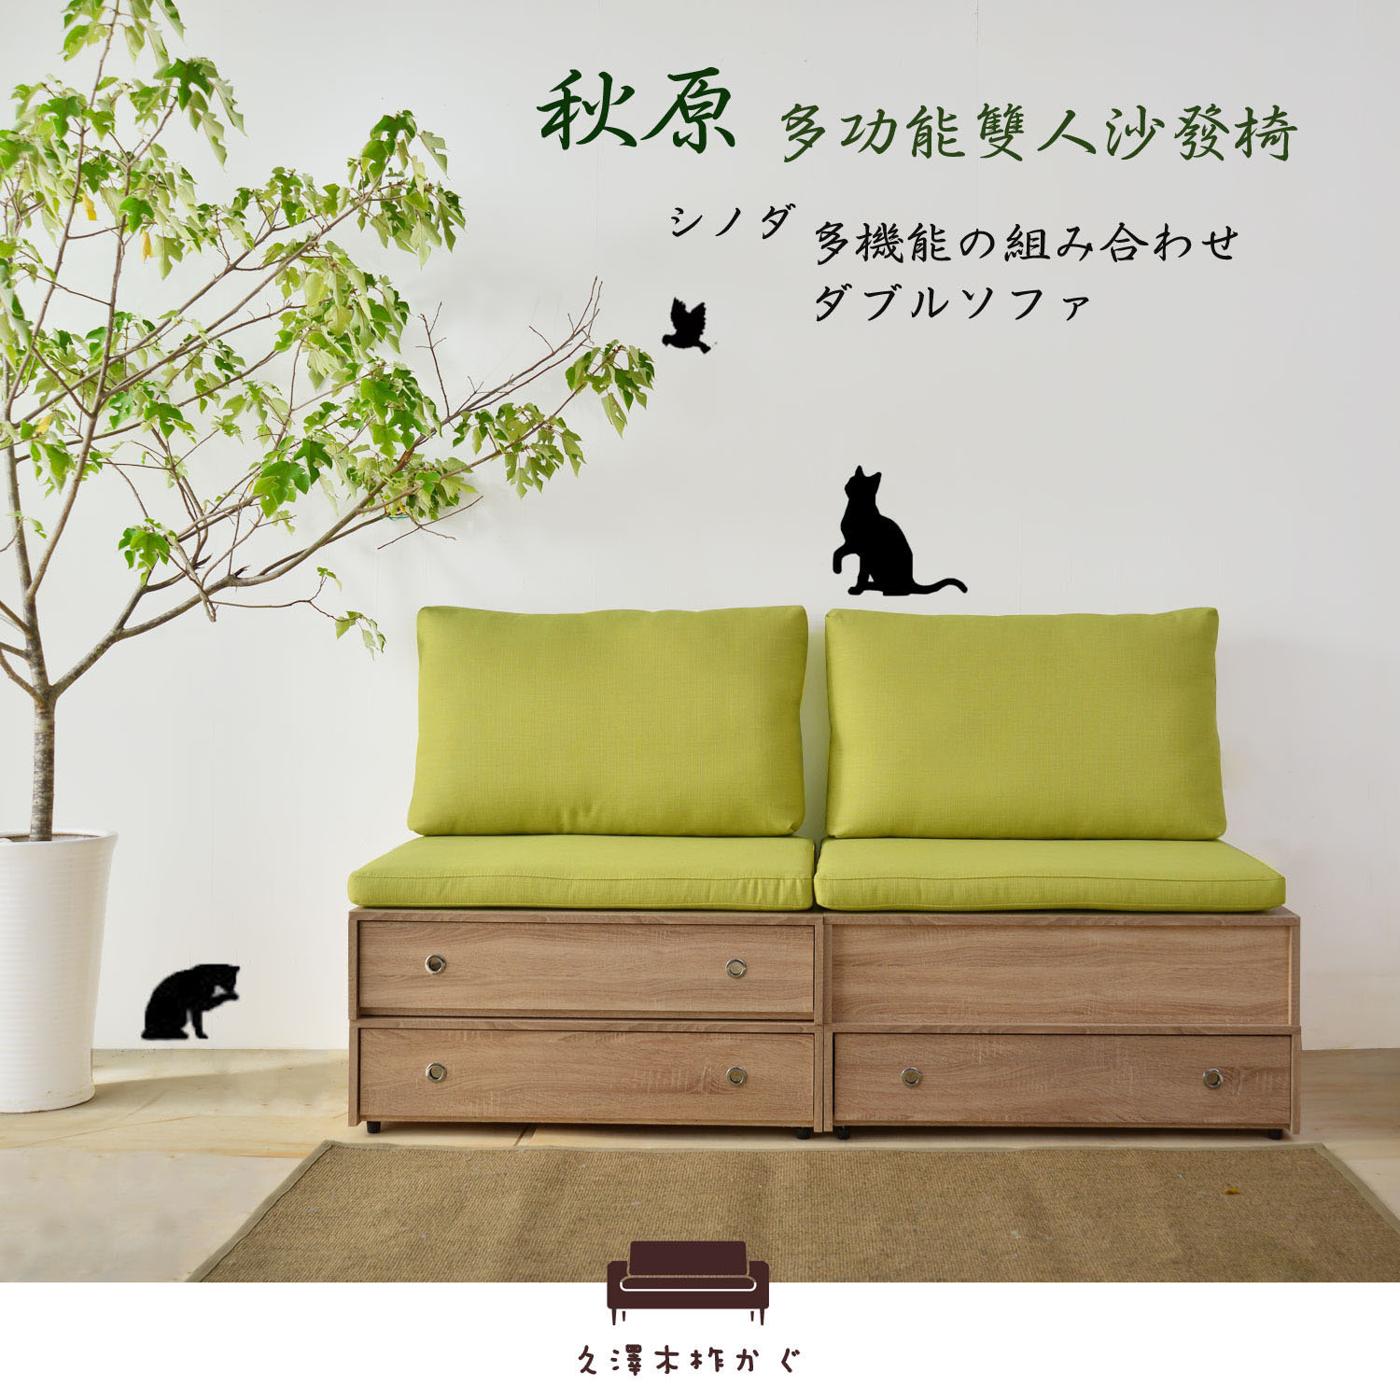 沙發UHO久澤木柞秋原-橡木紋多功能雙人沙發椅